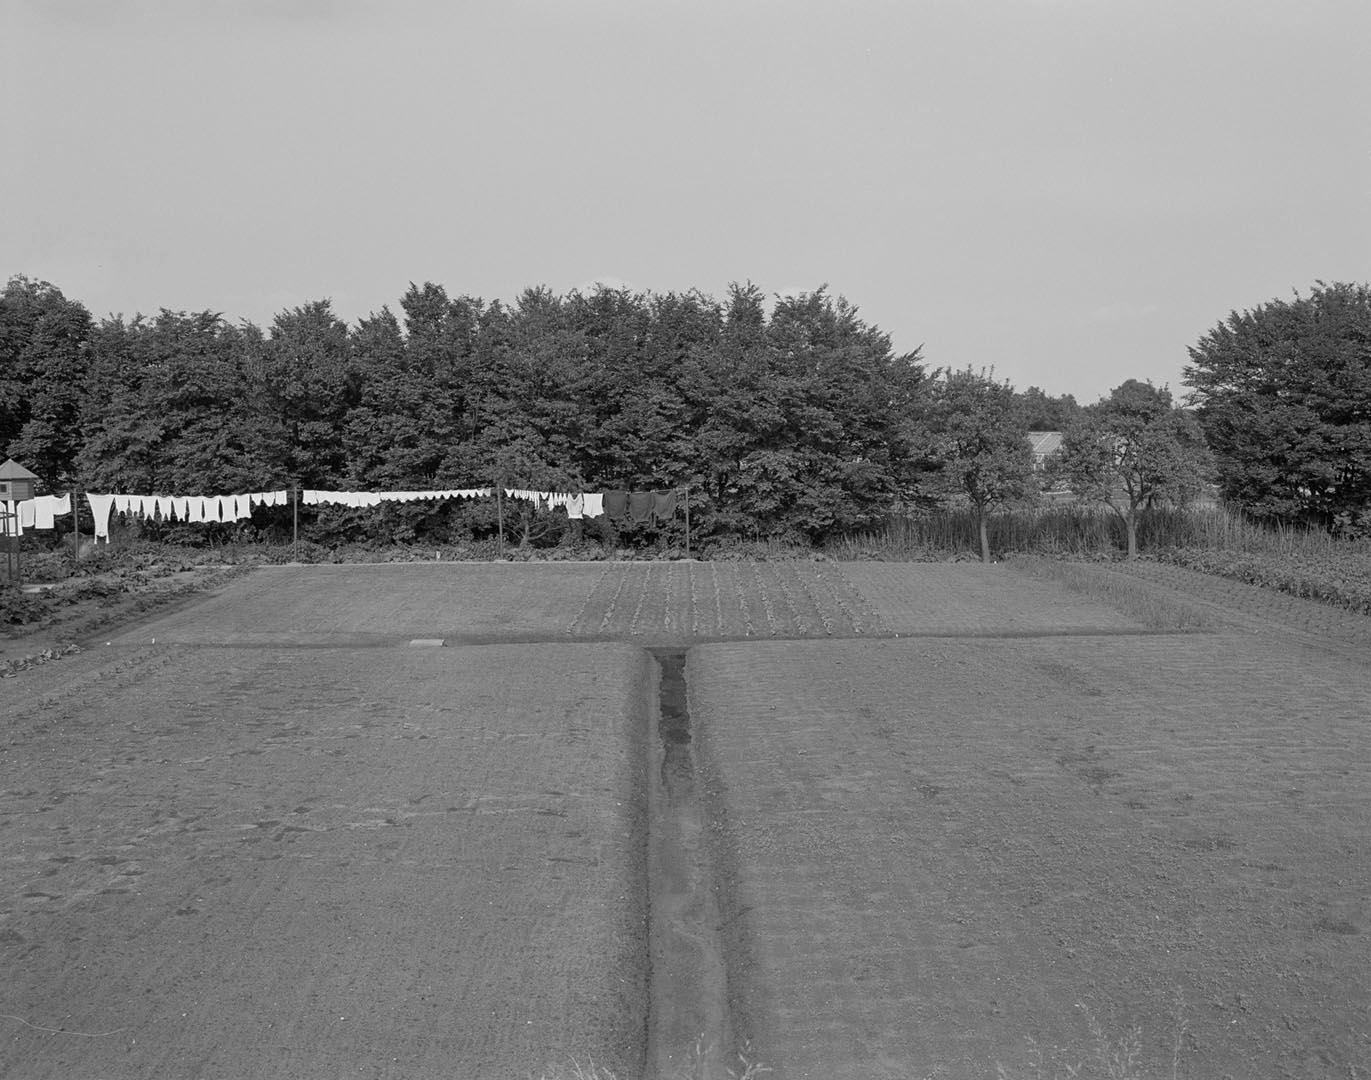 38KF945-670-317.jpg